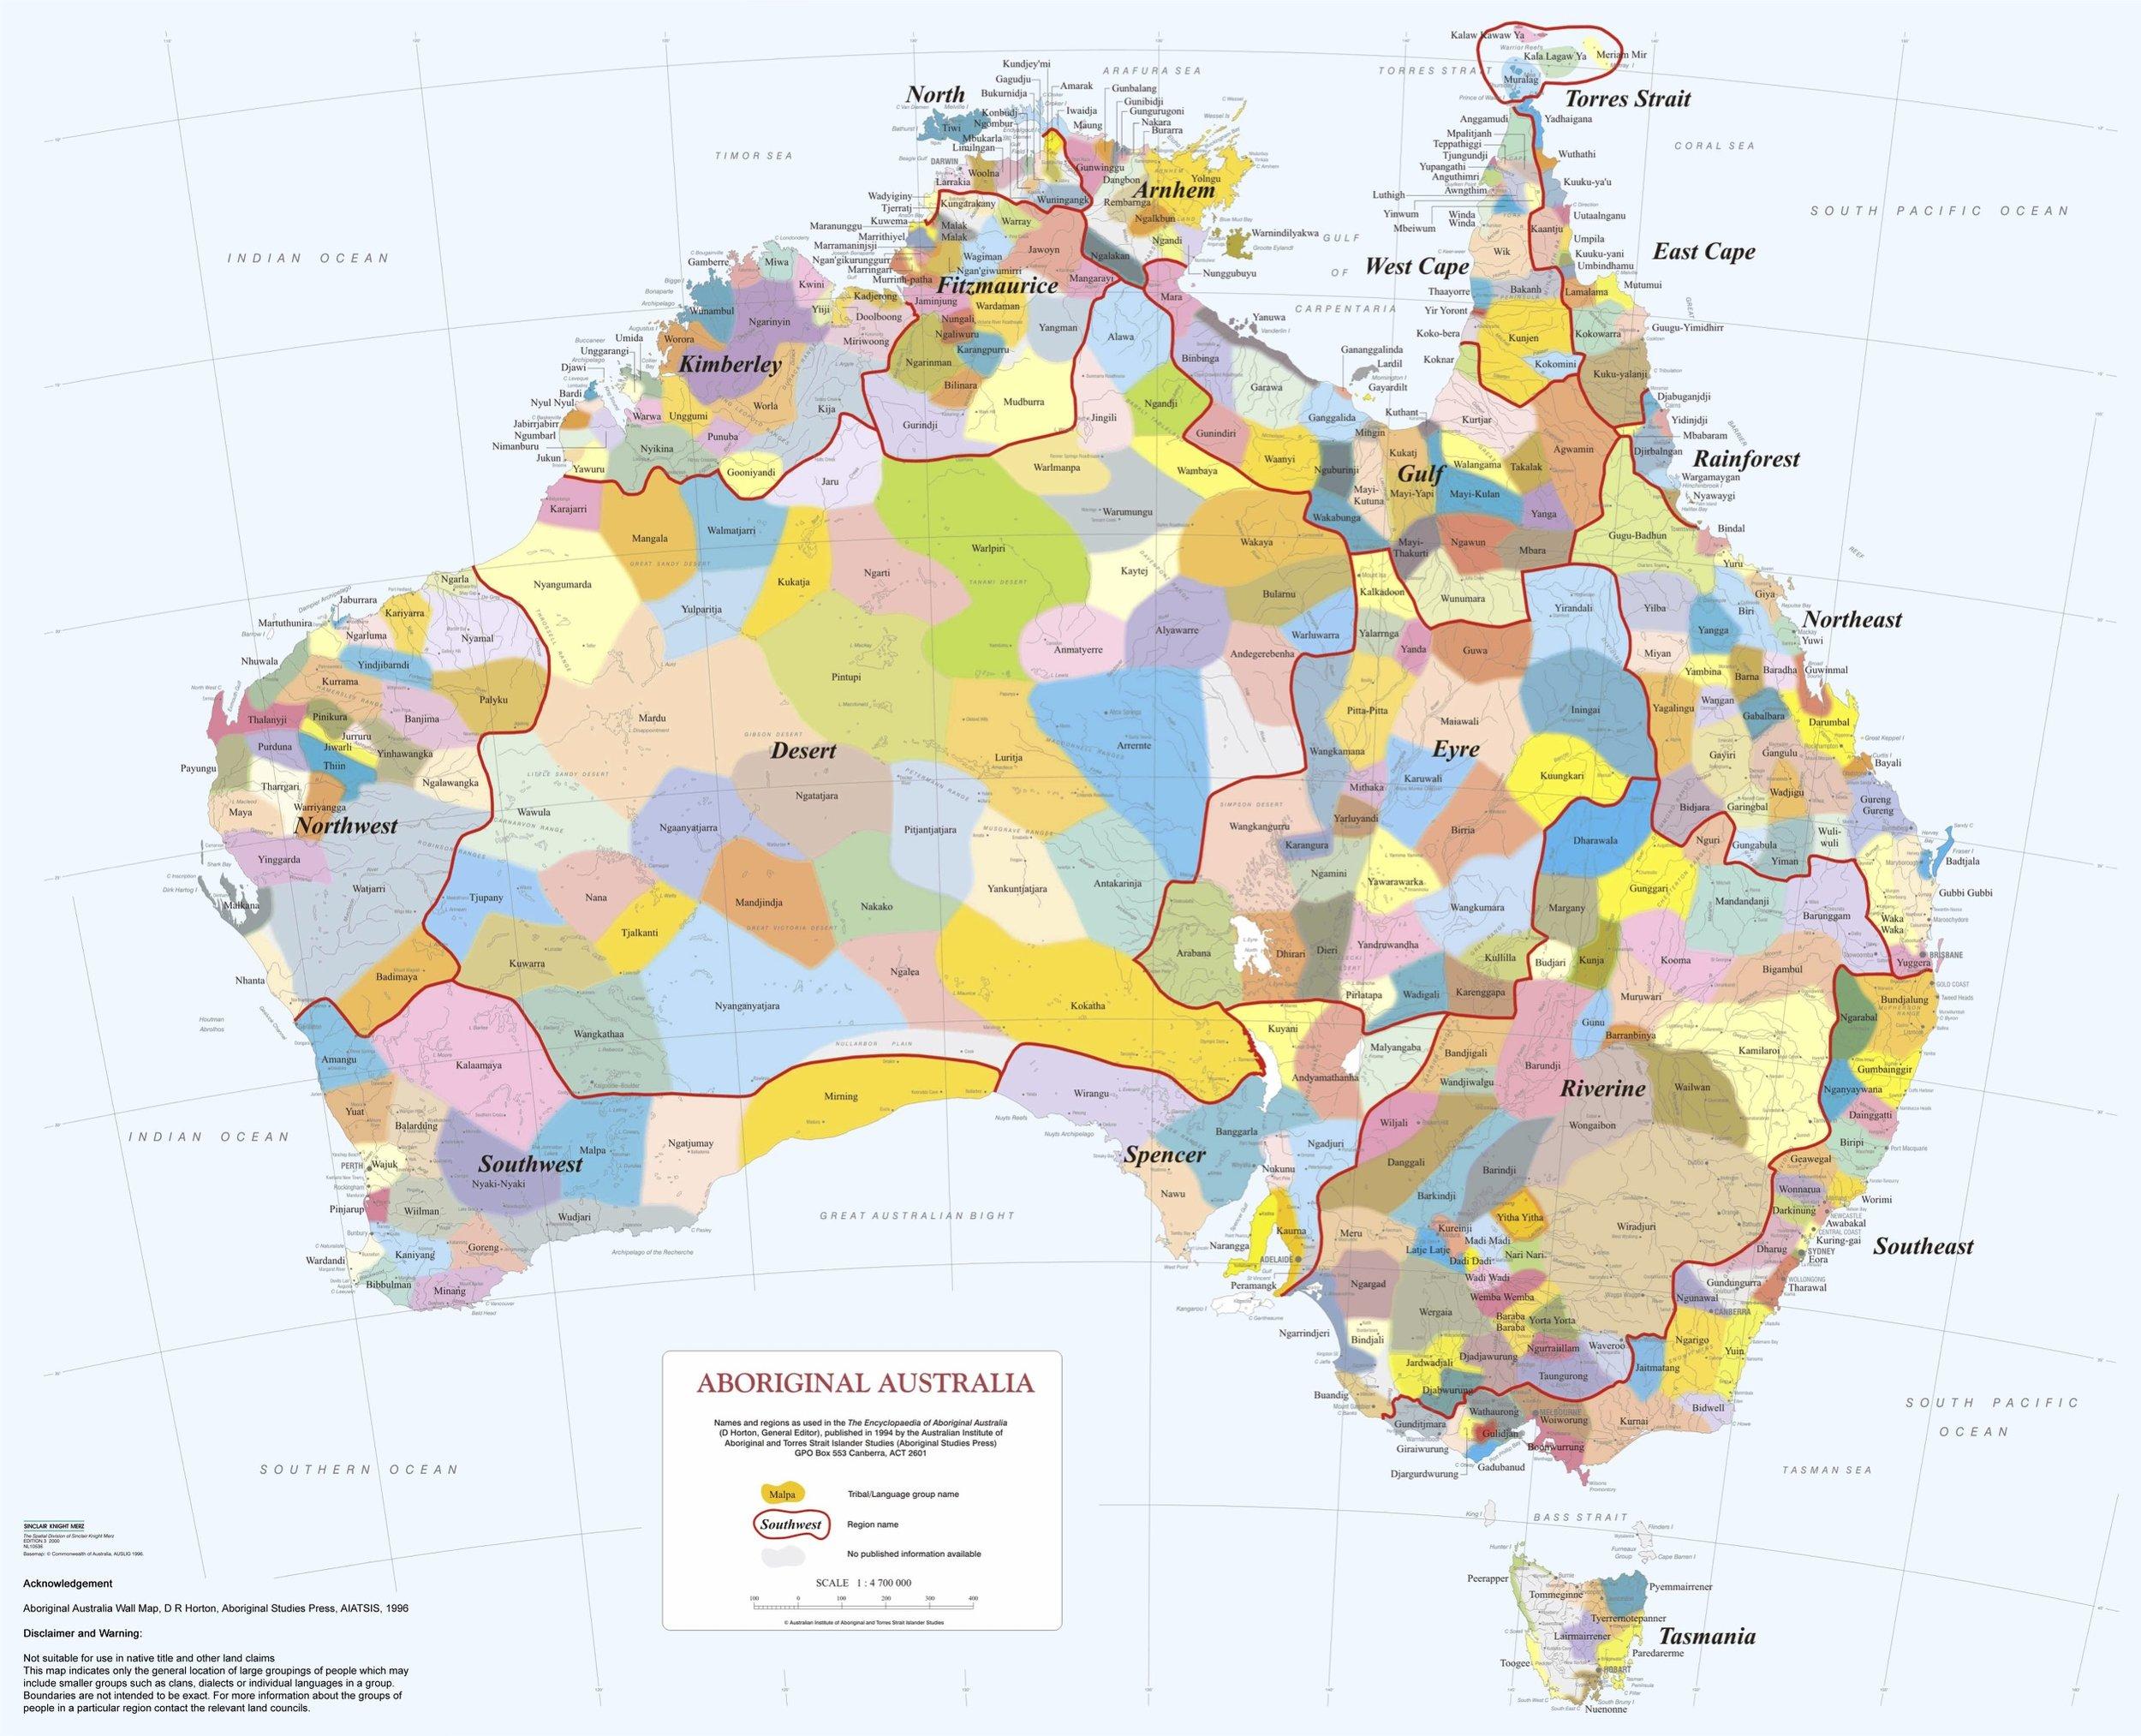 aboriginal-australia-map.jpg